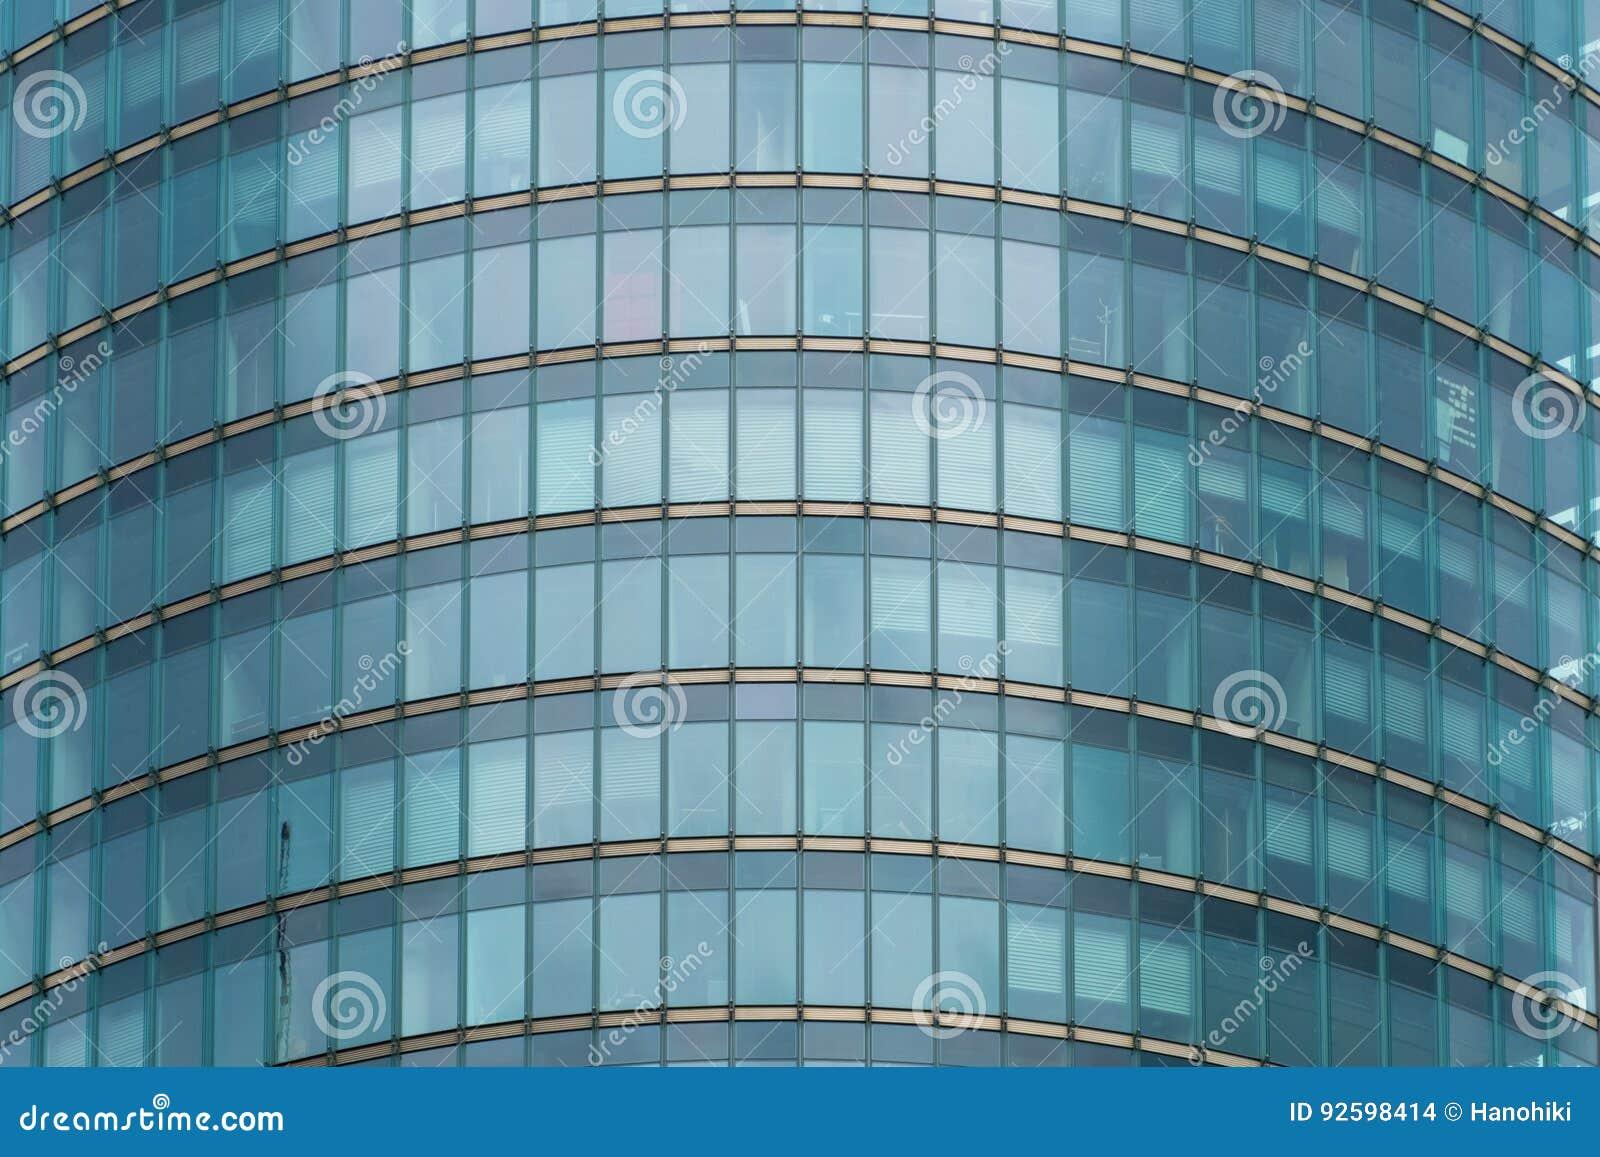 Facciata di vetro architettura moderna edificio per uffici